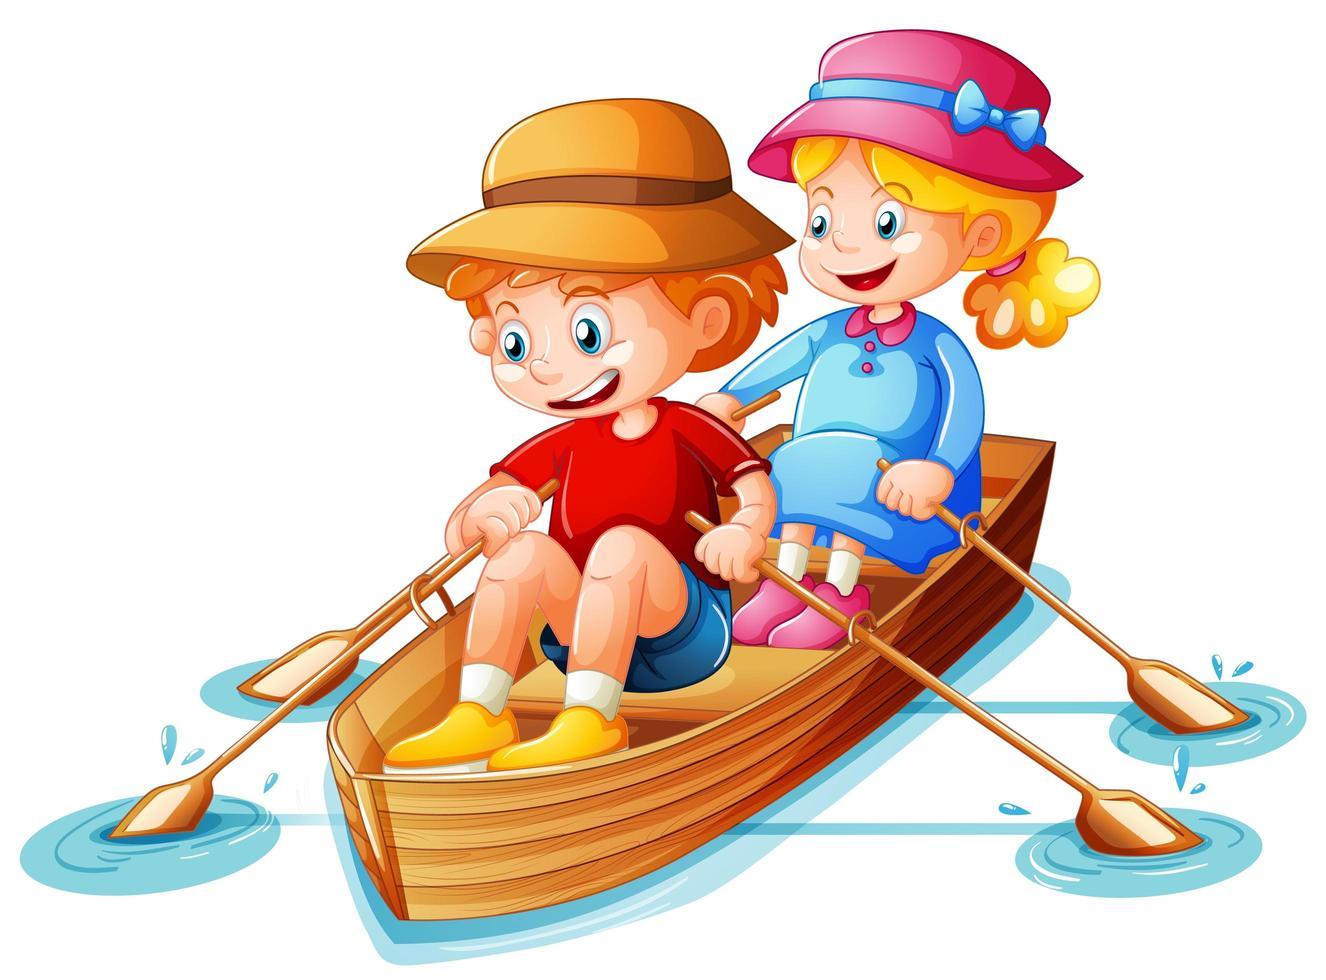 Junge und Mädchen rudern das Boot auf weißem Hintergrund vektor